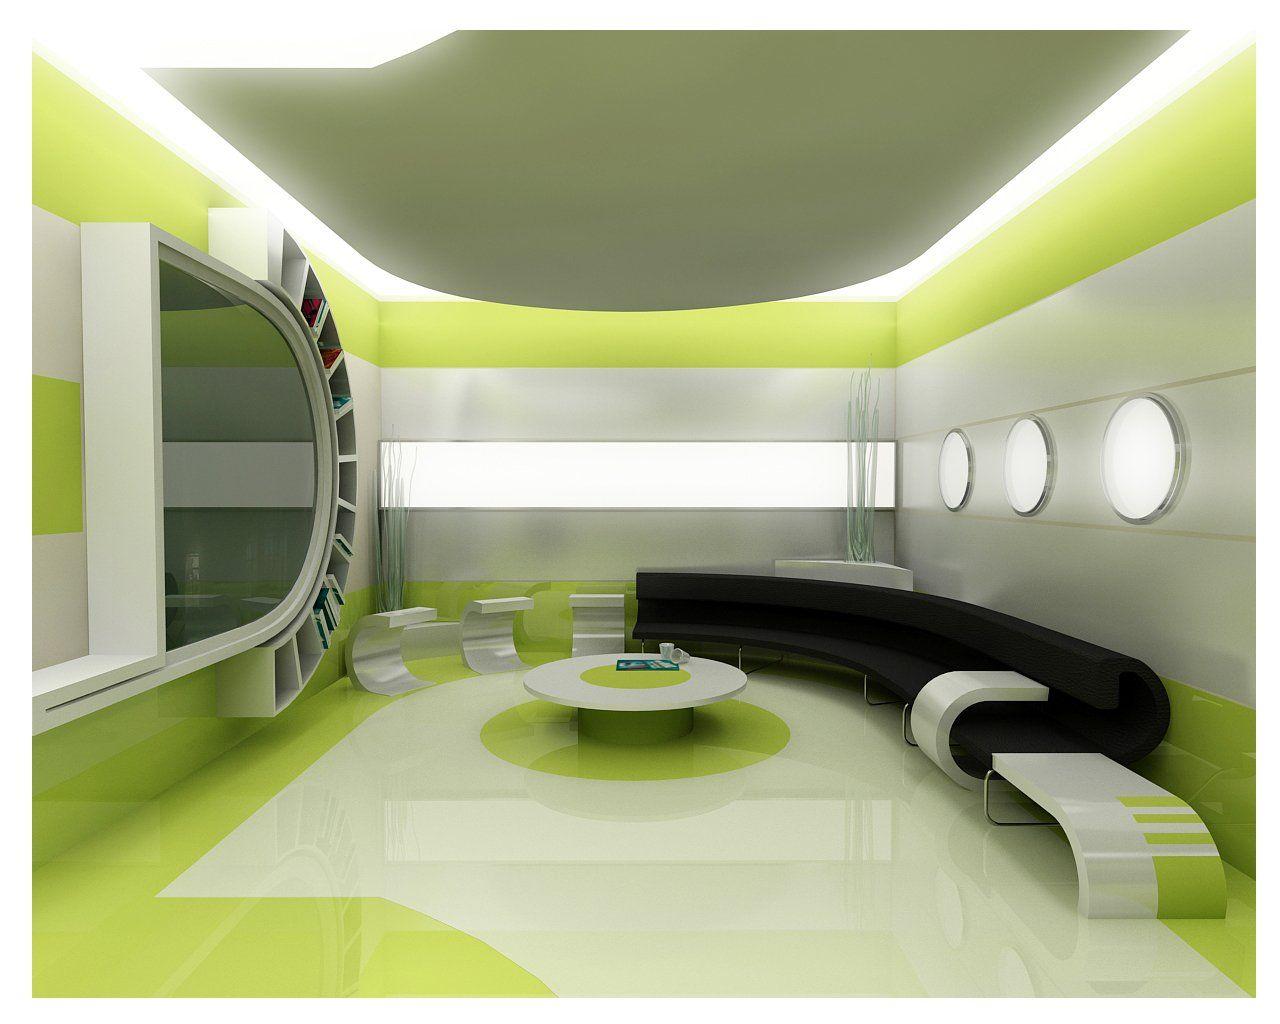 http://3.bp.blogspot.com/-S4yBBcC7PHw/TjGWaGx1gPI/AAAAAAAAEI4/jmvx1Dtw-Wg/s1600/green-interior-home-design.jpg